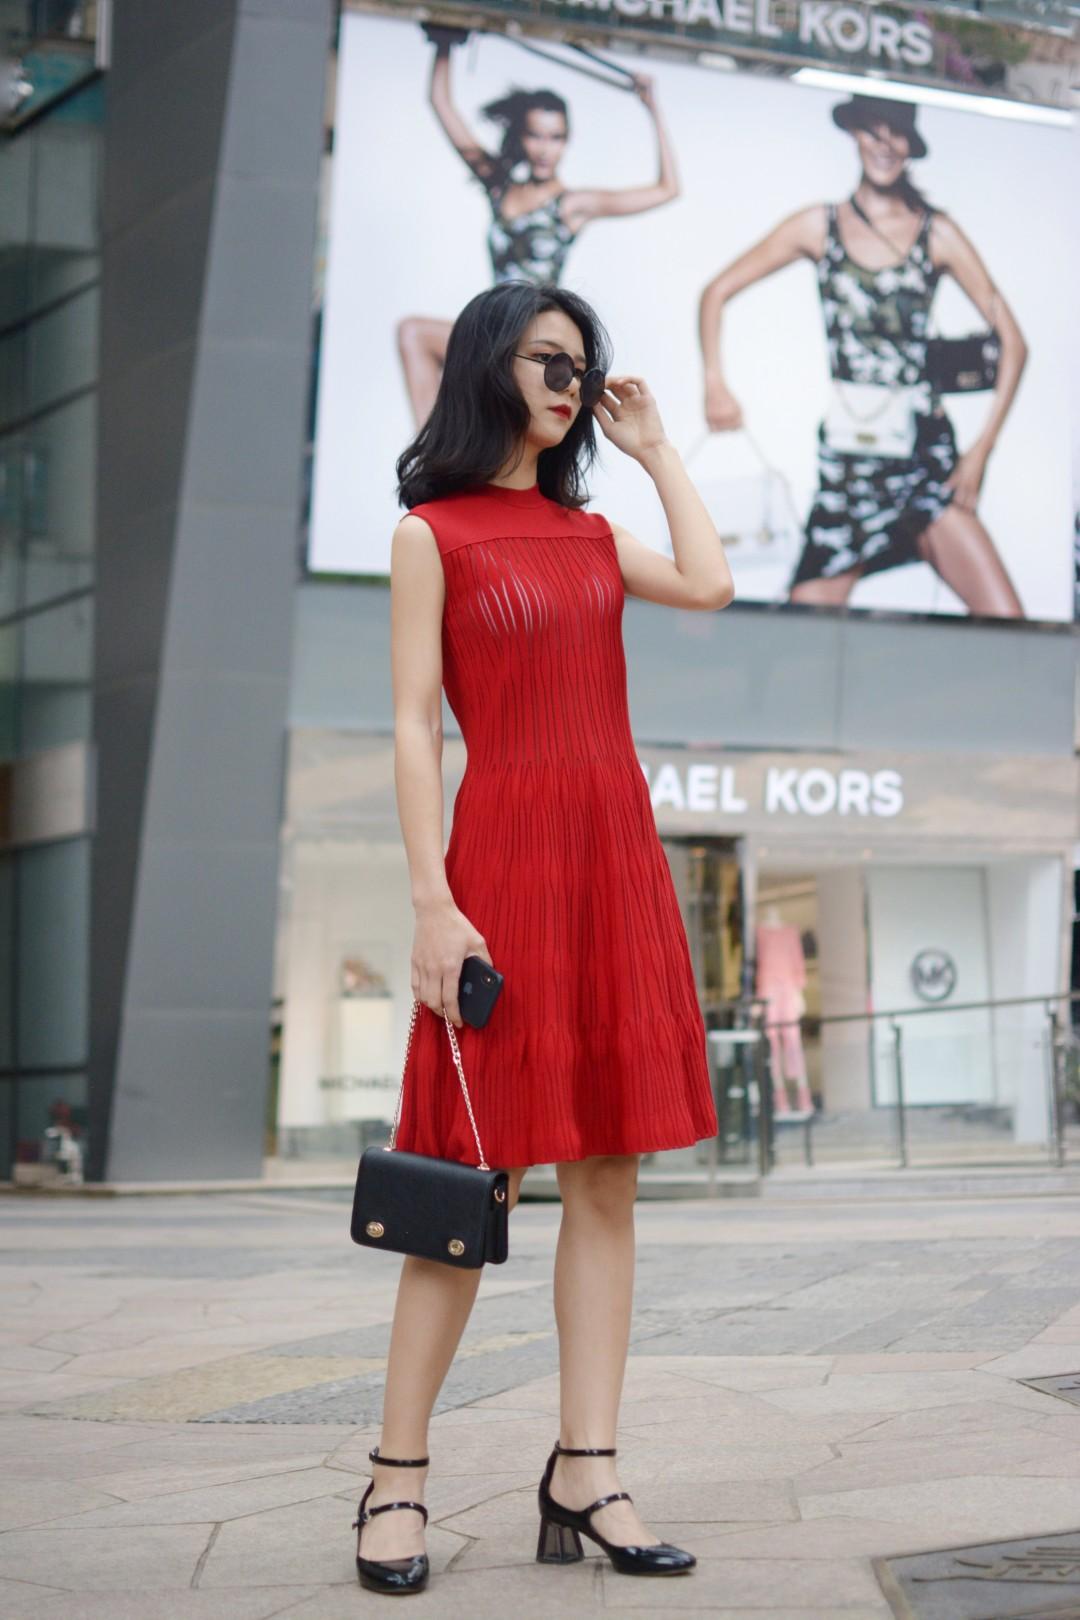 #请站队:哪种颜色代表夏天#  夏天不想要太费心~那么!连衣裙就是最好的选择 黄皮肤也不要抗拒穿鲜艳的红色呀 非常衬皮肤白 气质~搭配黑色的链条包